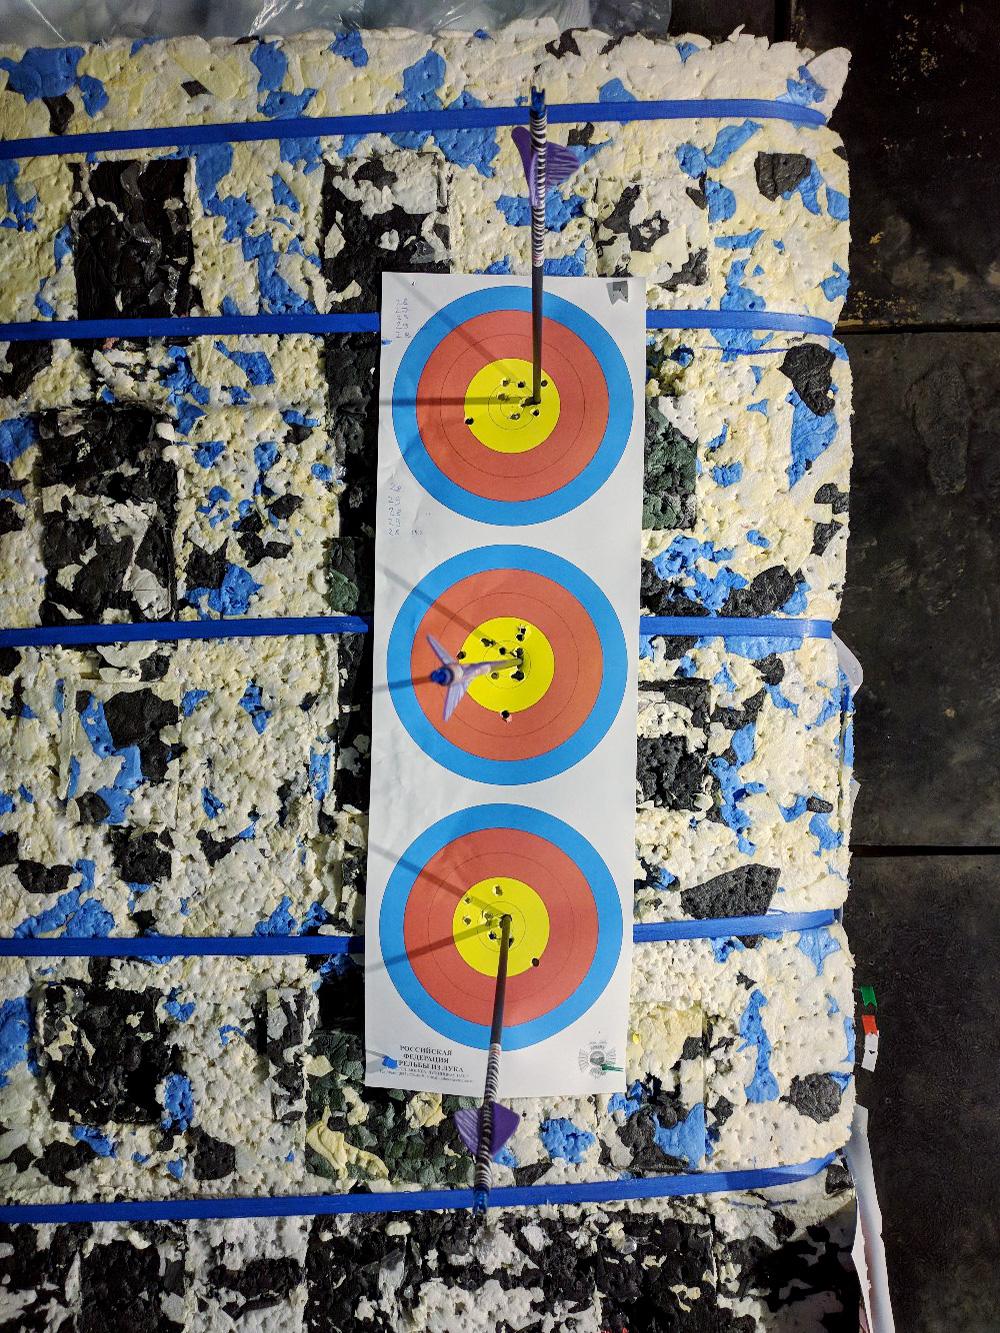 Тройная мишень позволяет не попасть стрелой в стрелу. Фото: Олег Яковенко